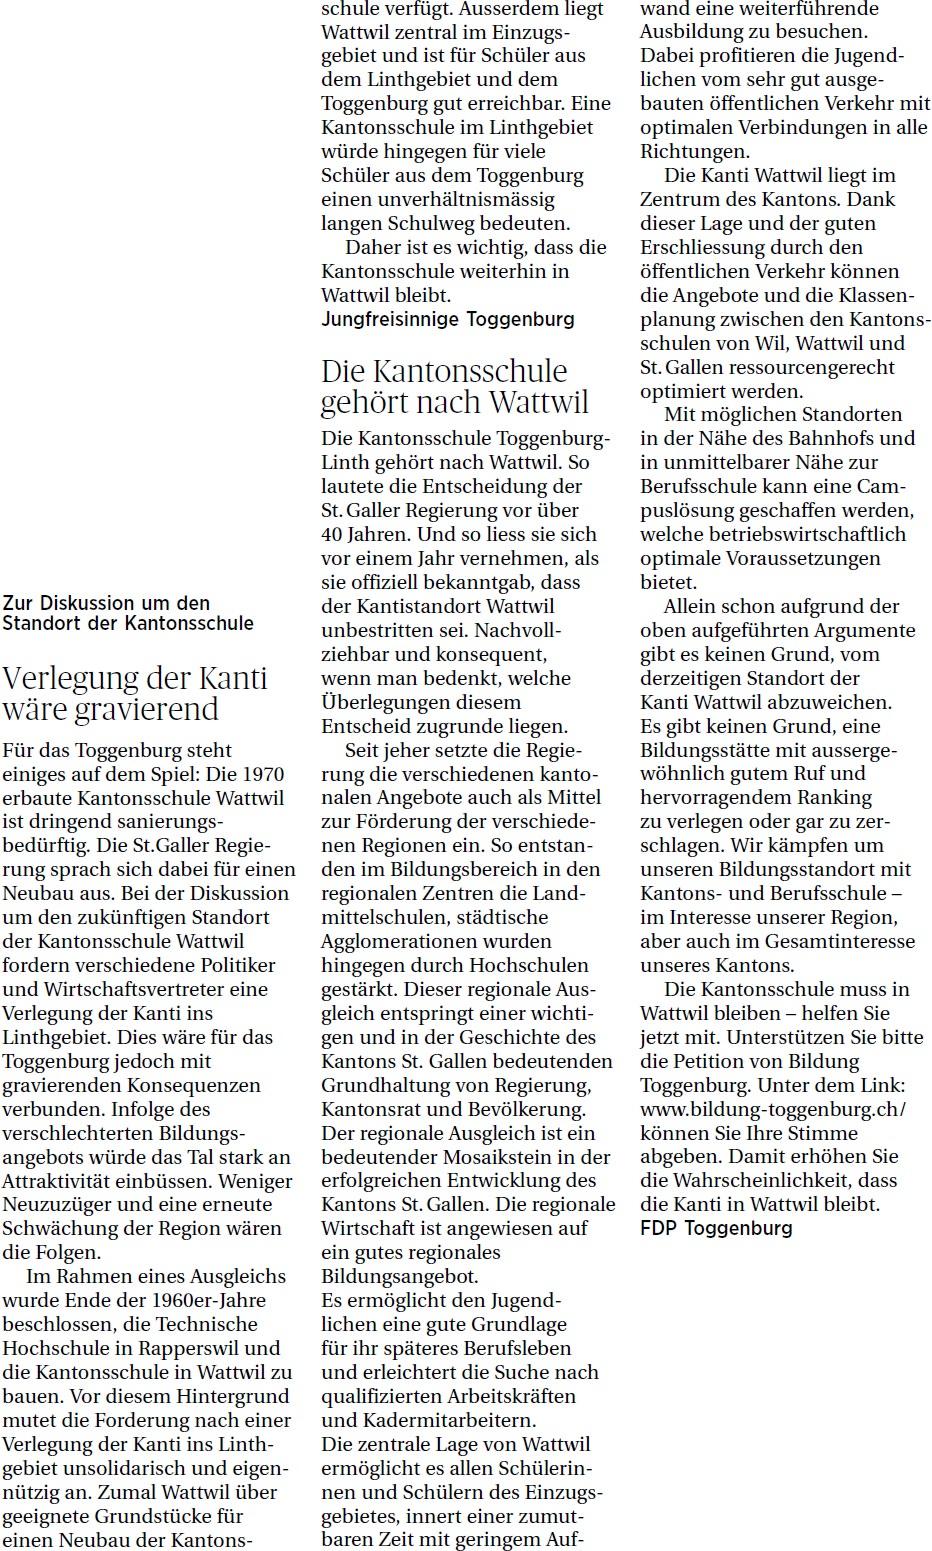 Verlegung der Kanti wäre gravierend (Freitag, 14.03.2014)